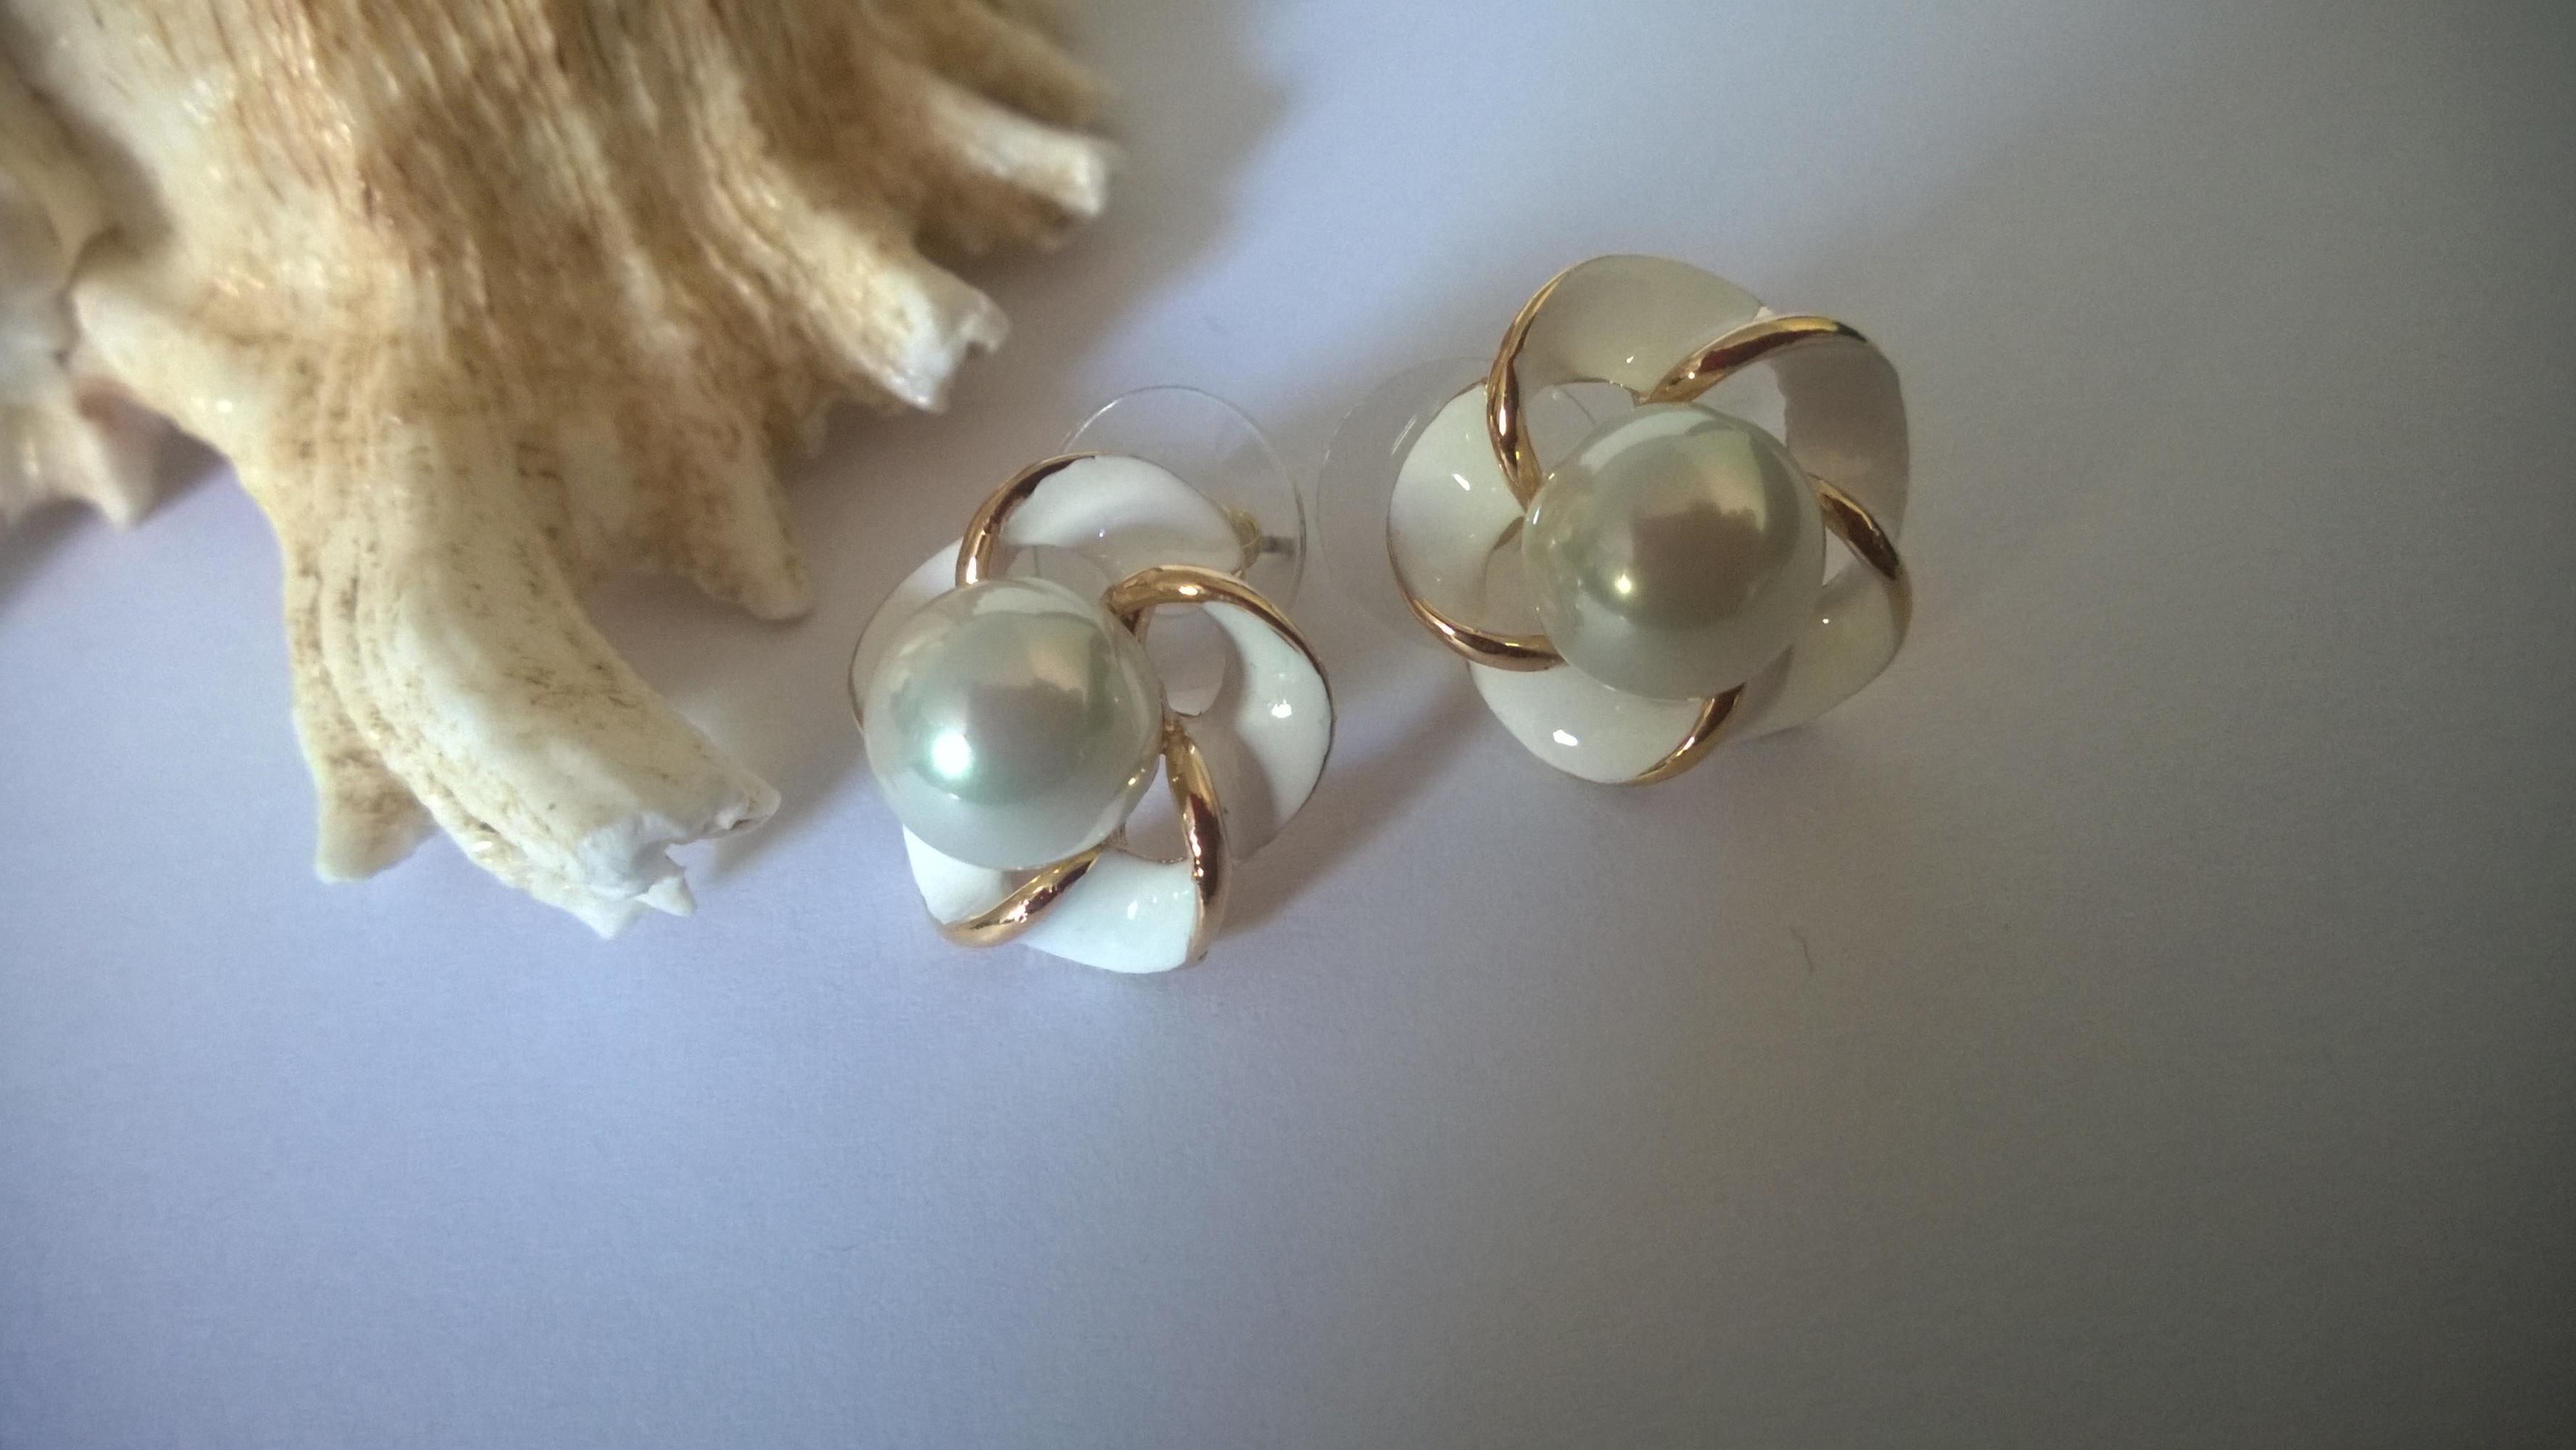 Обеци от перли.Обеци от естествени морски перли от о-в Майоркаи гаранционна карта